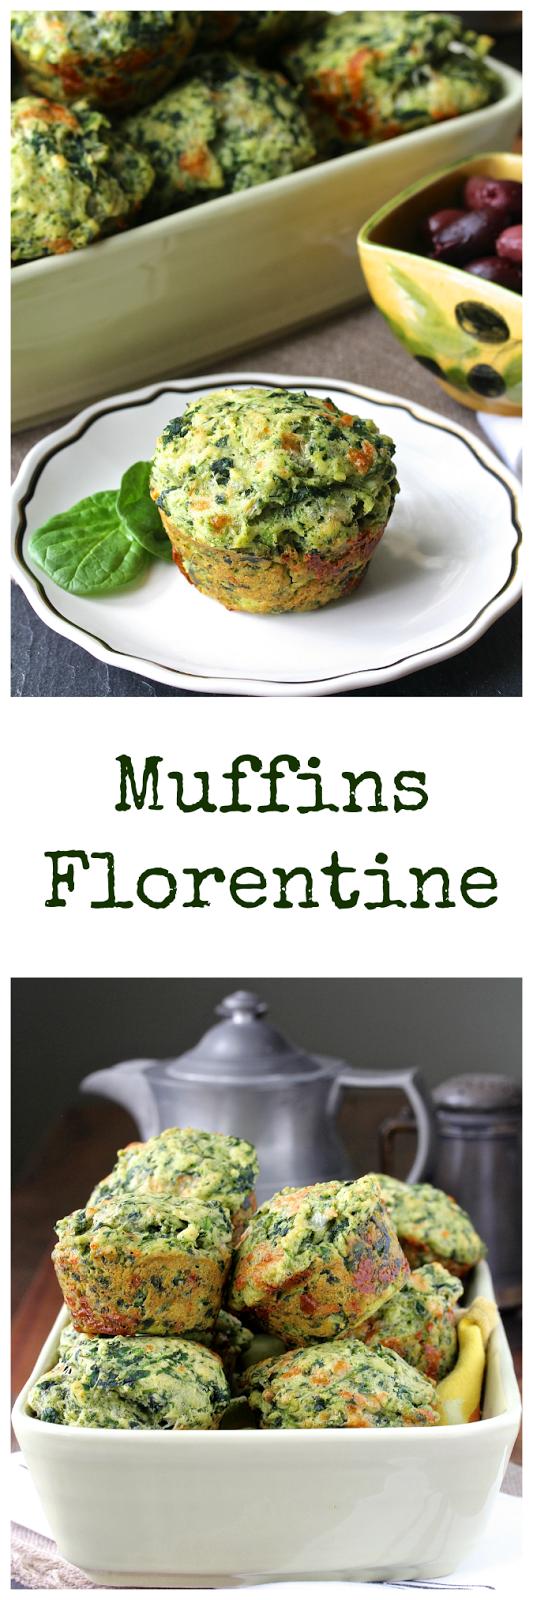 Muffins Florentine